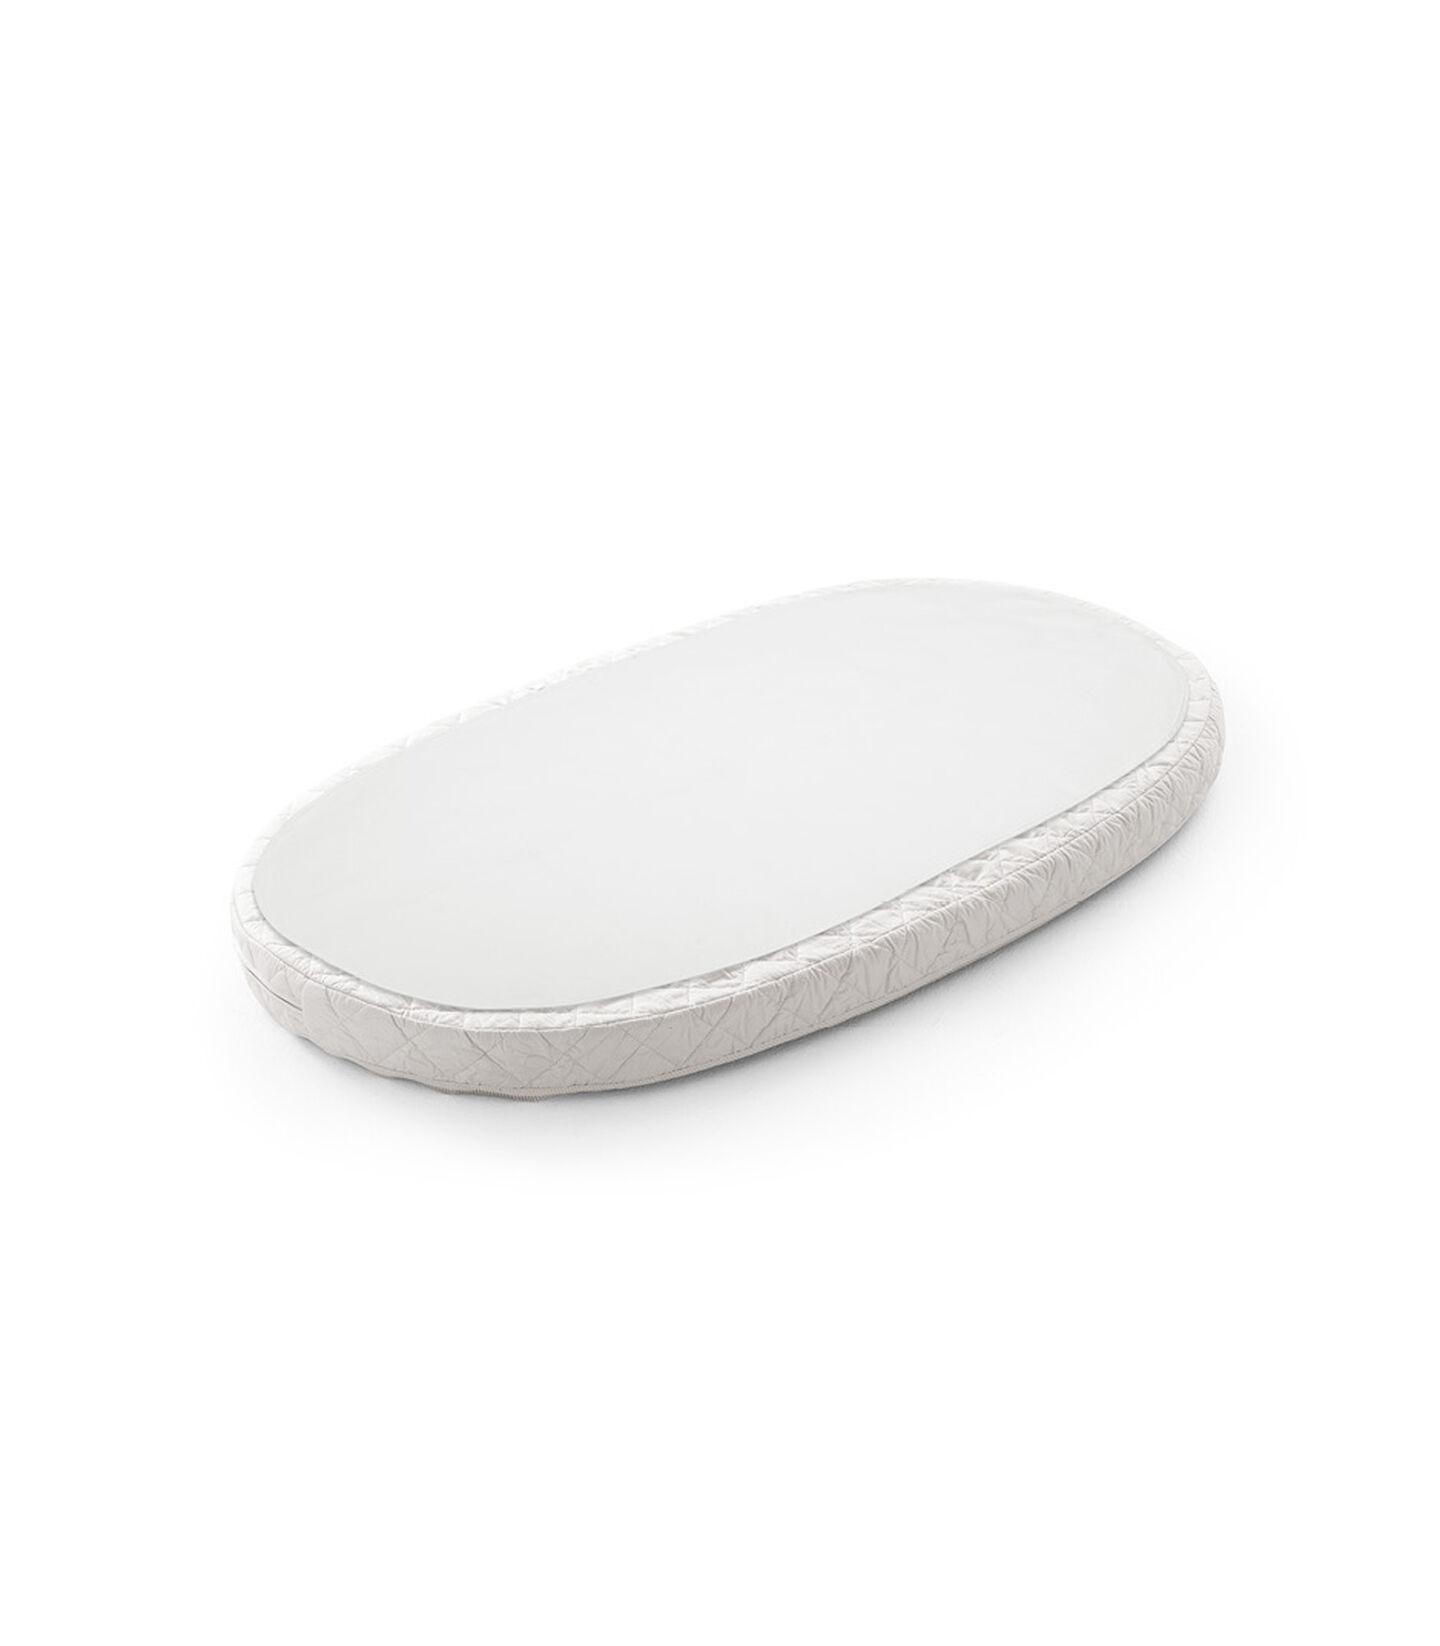 Stokke® Sleepi™ Tisselaken ovalt, , mainview view 1